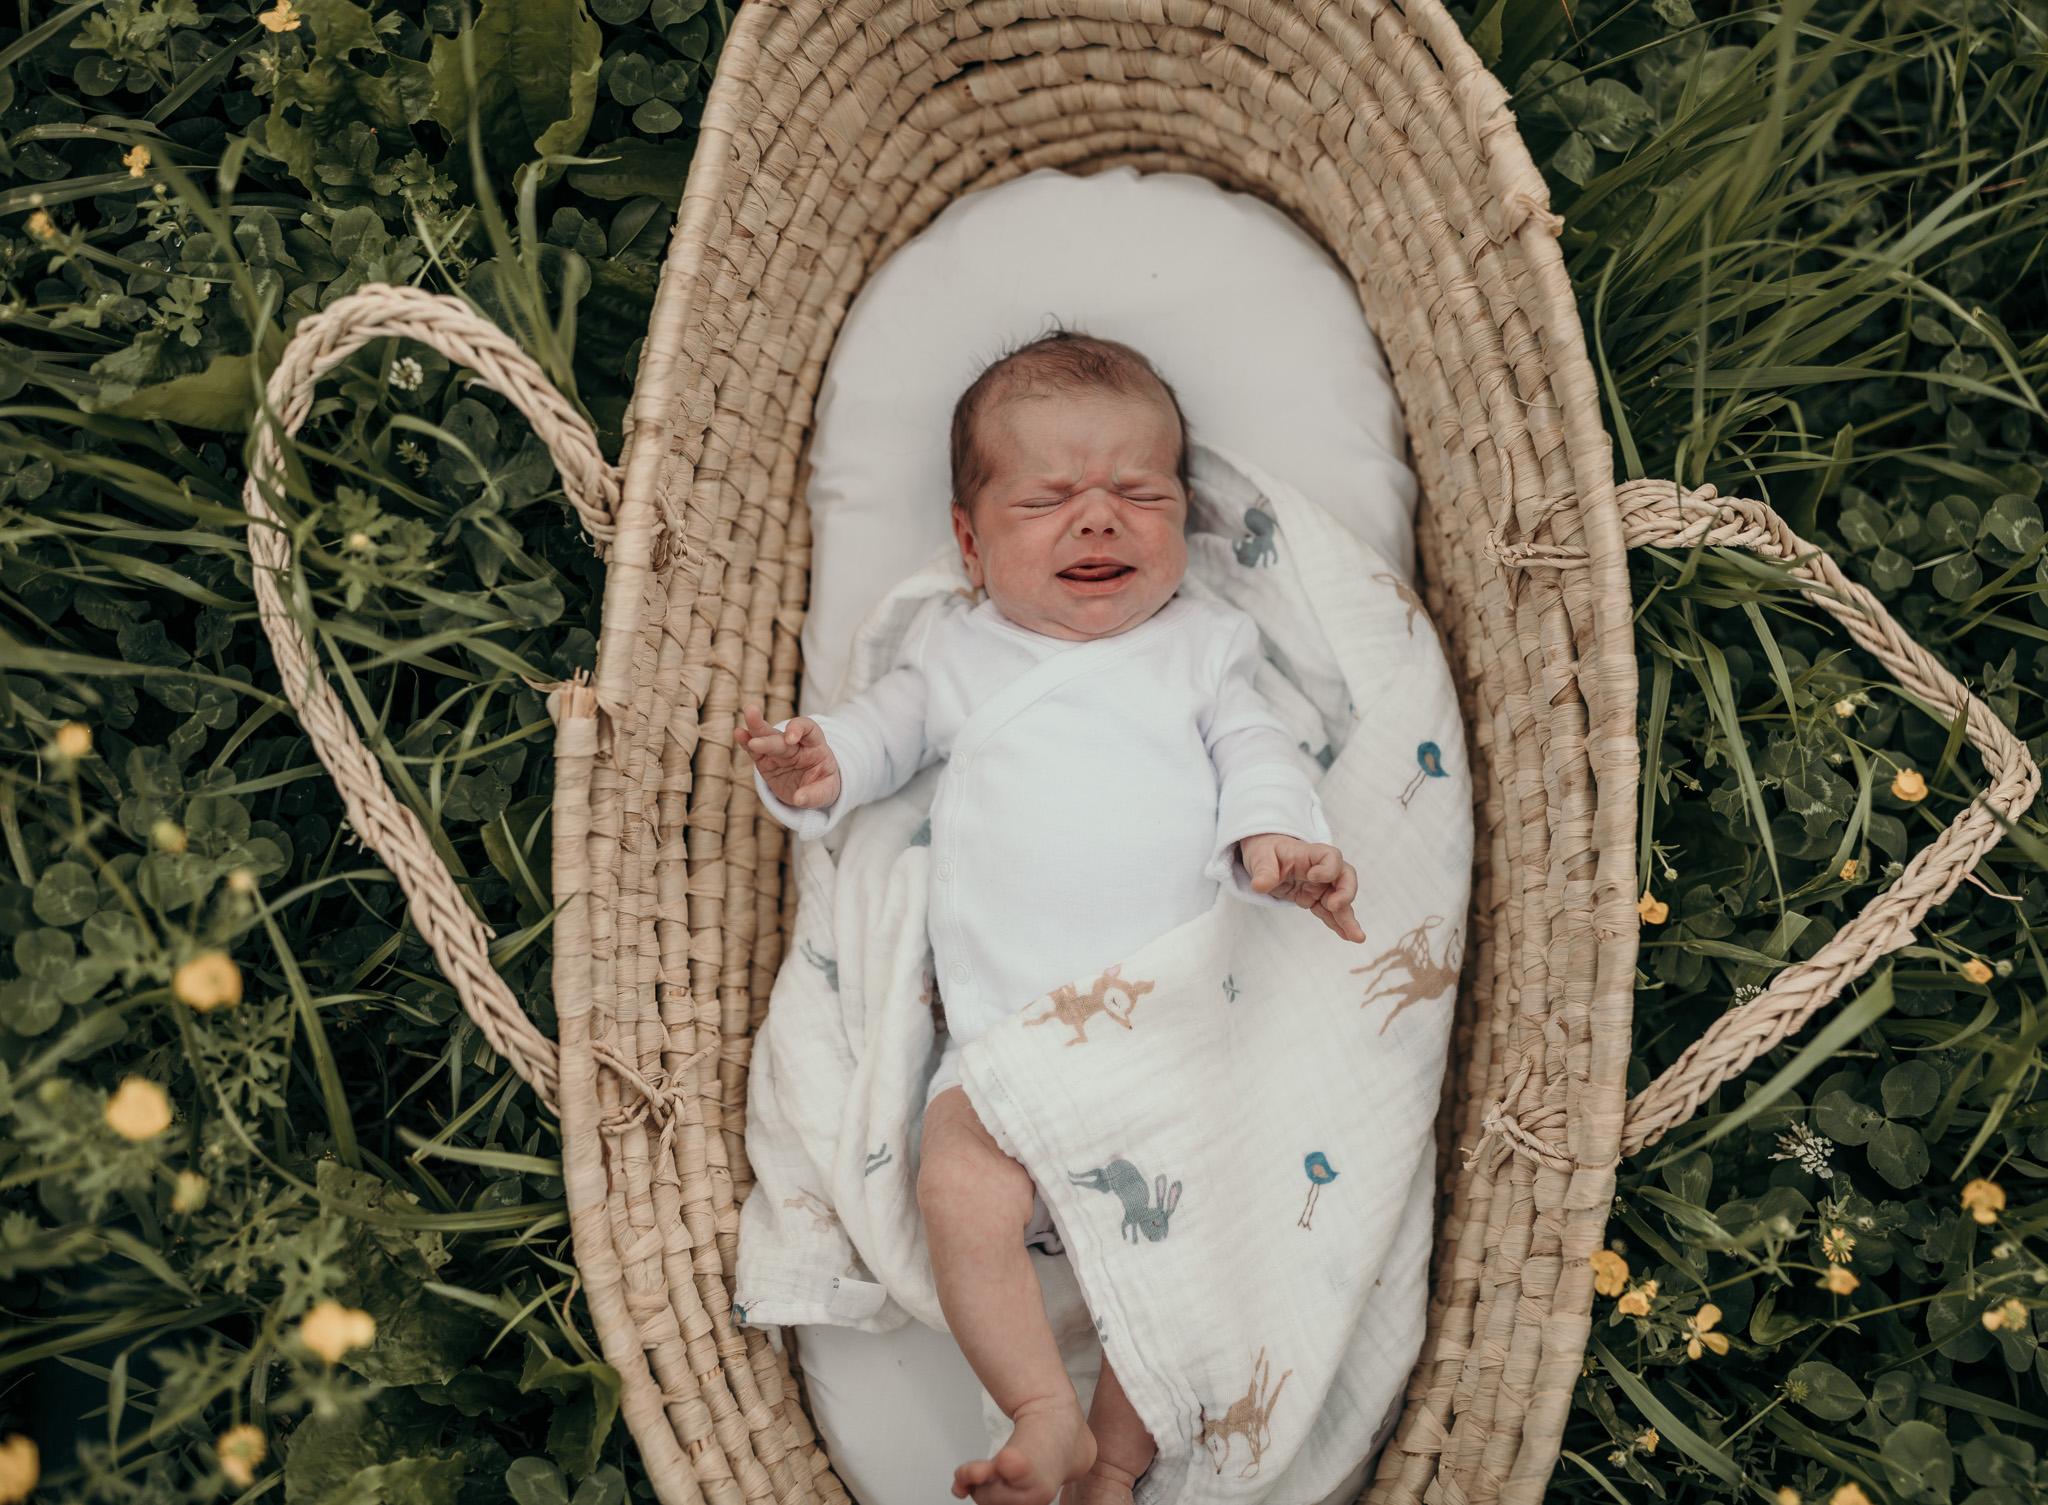 newborn in a basket outside